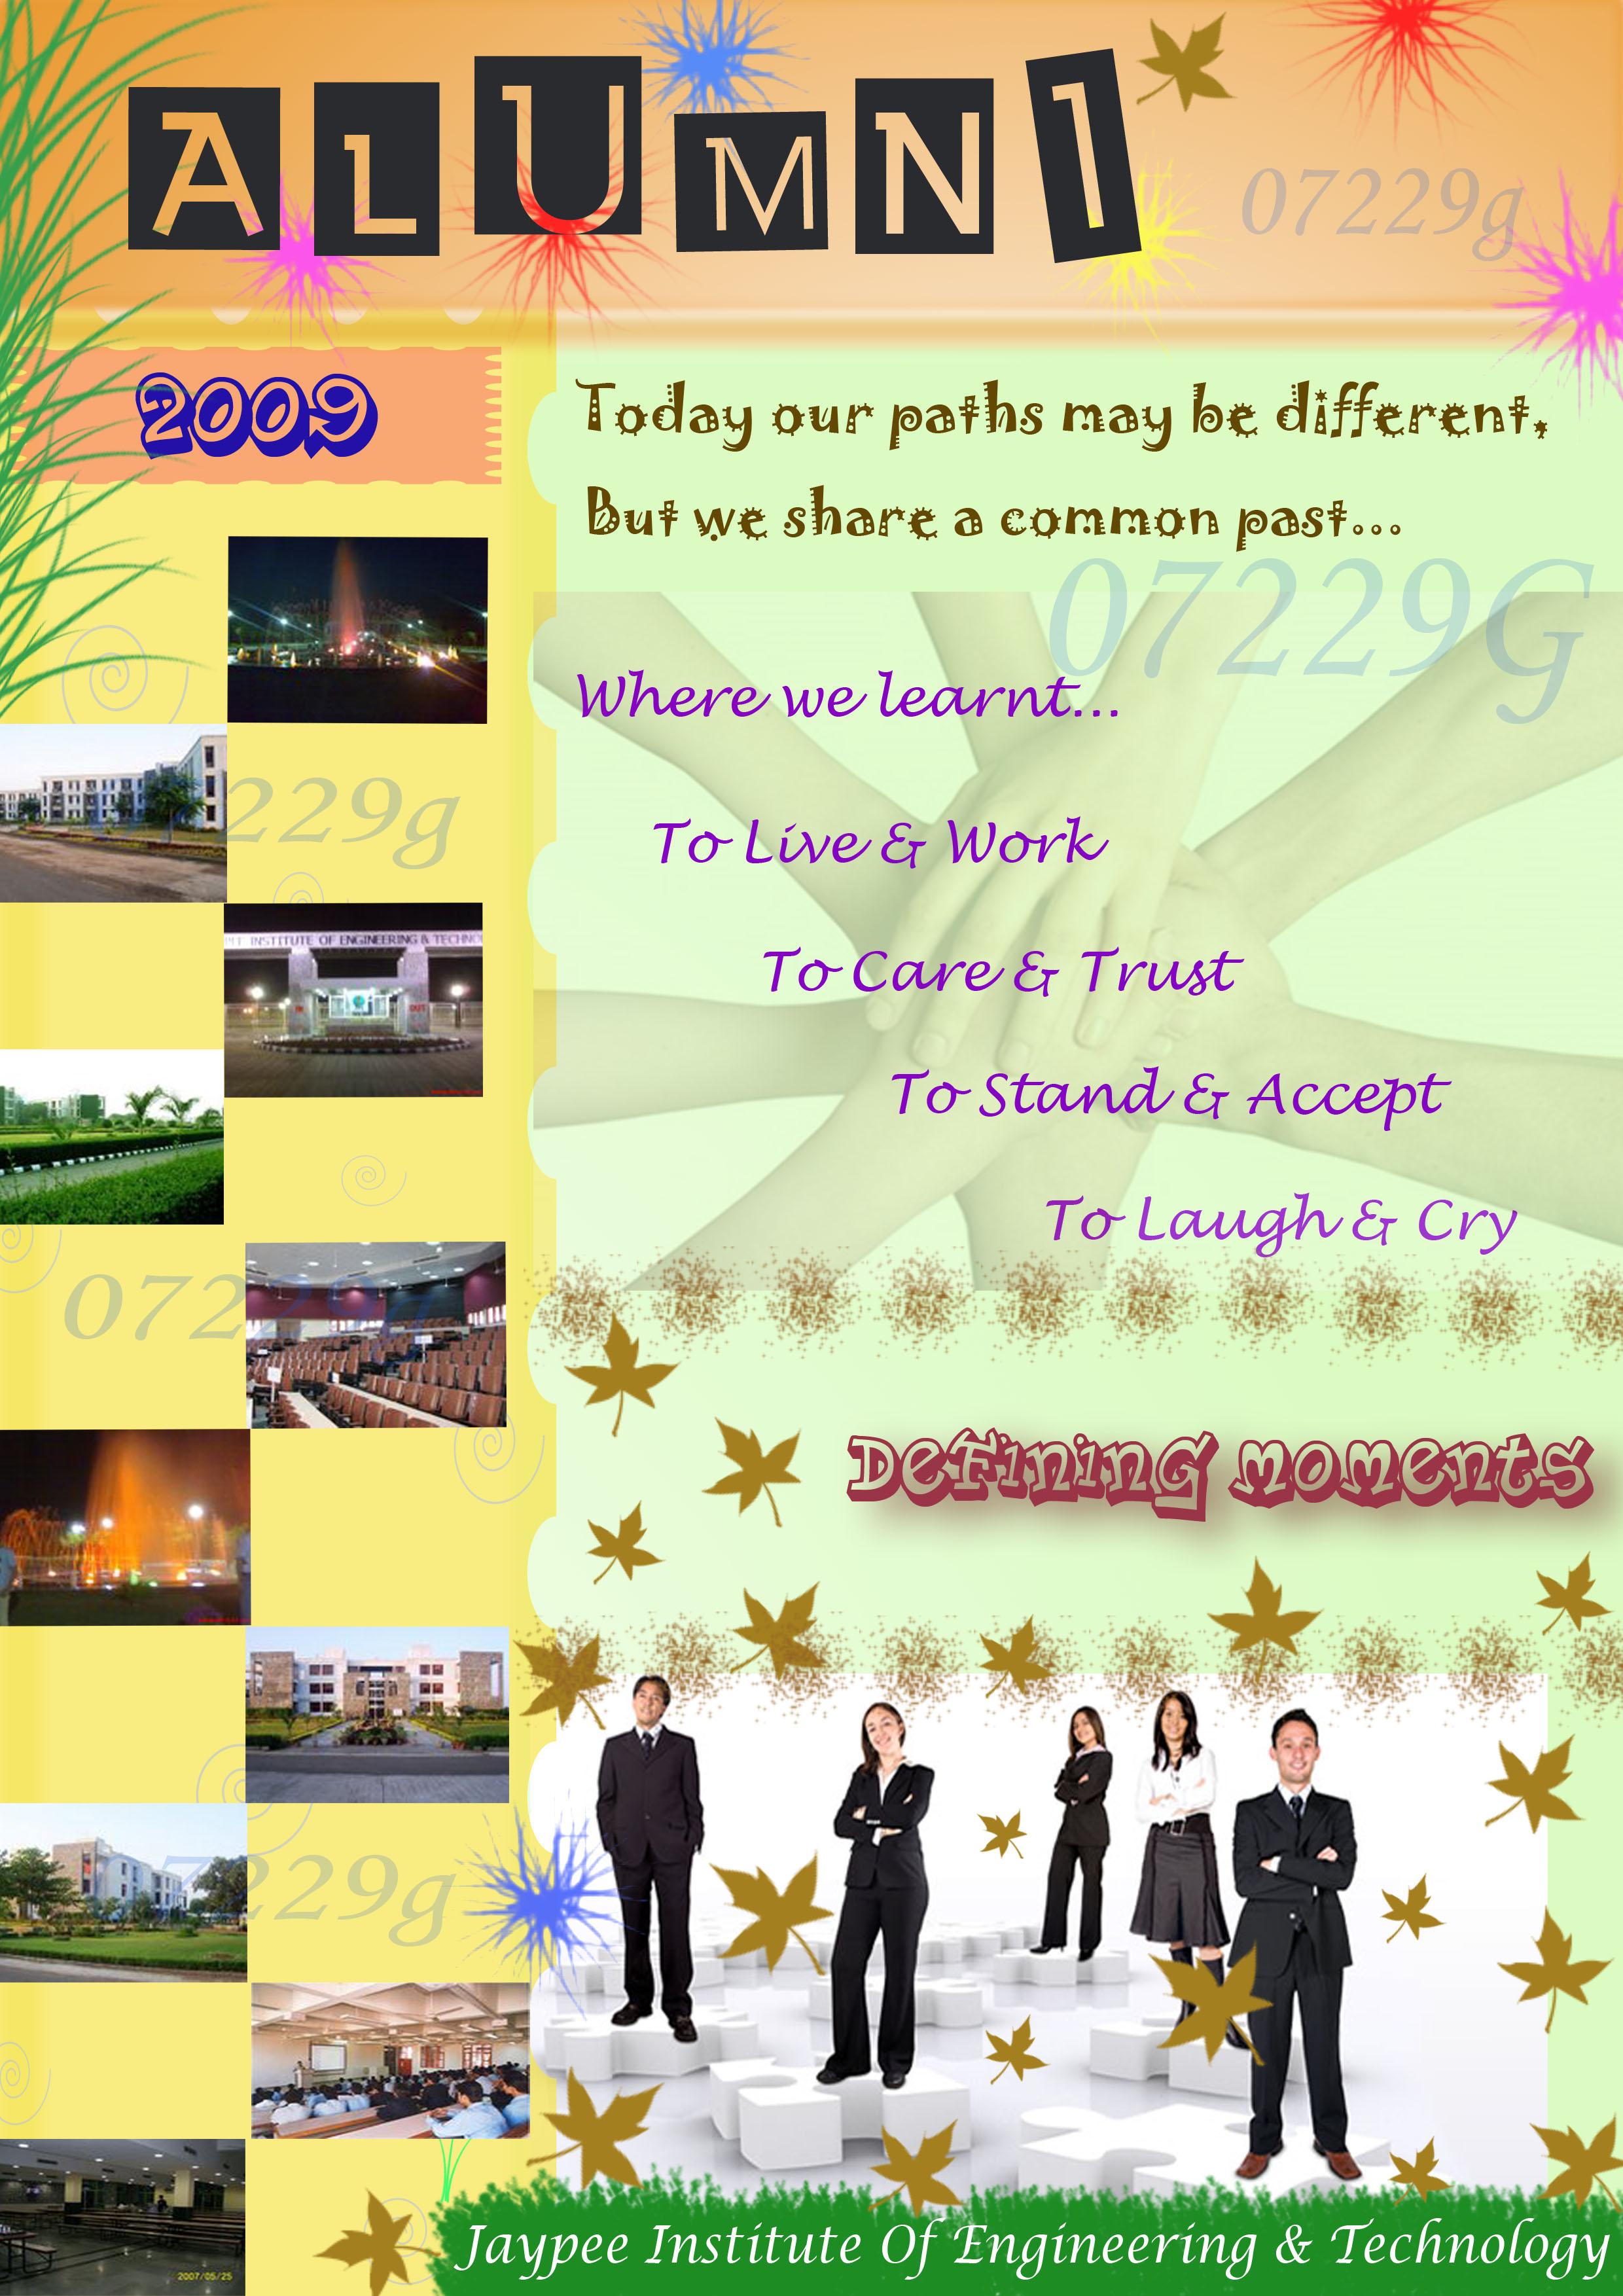 alumni_cover07229g